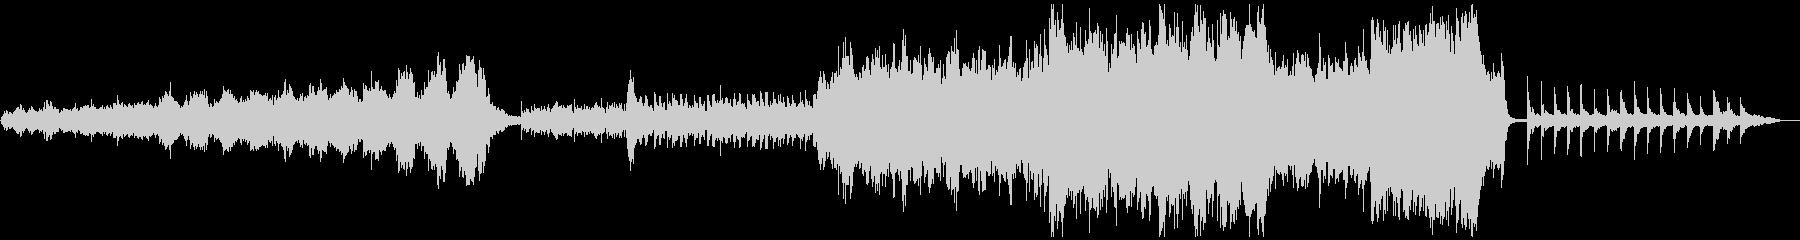 北欧風オーケストラアンビエント メロ無版の未再生の波形